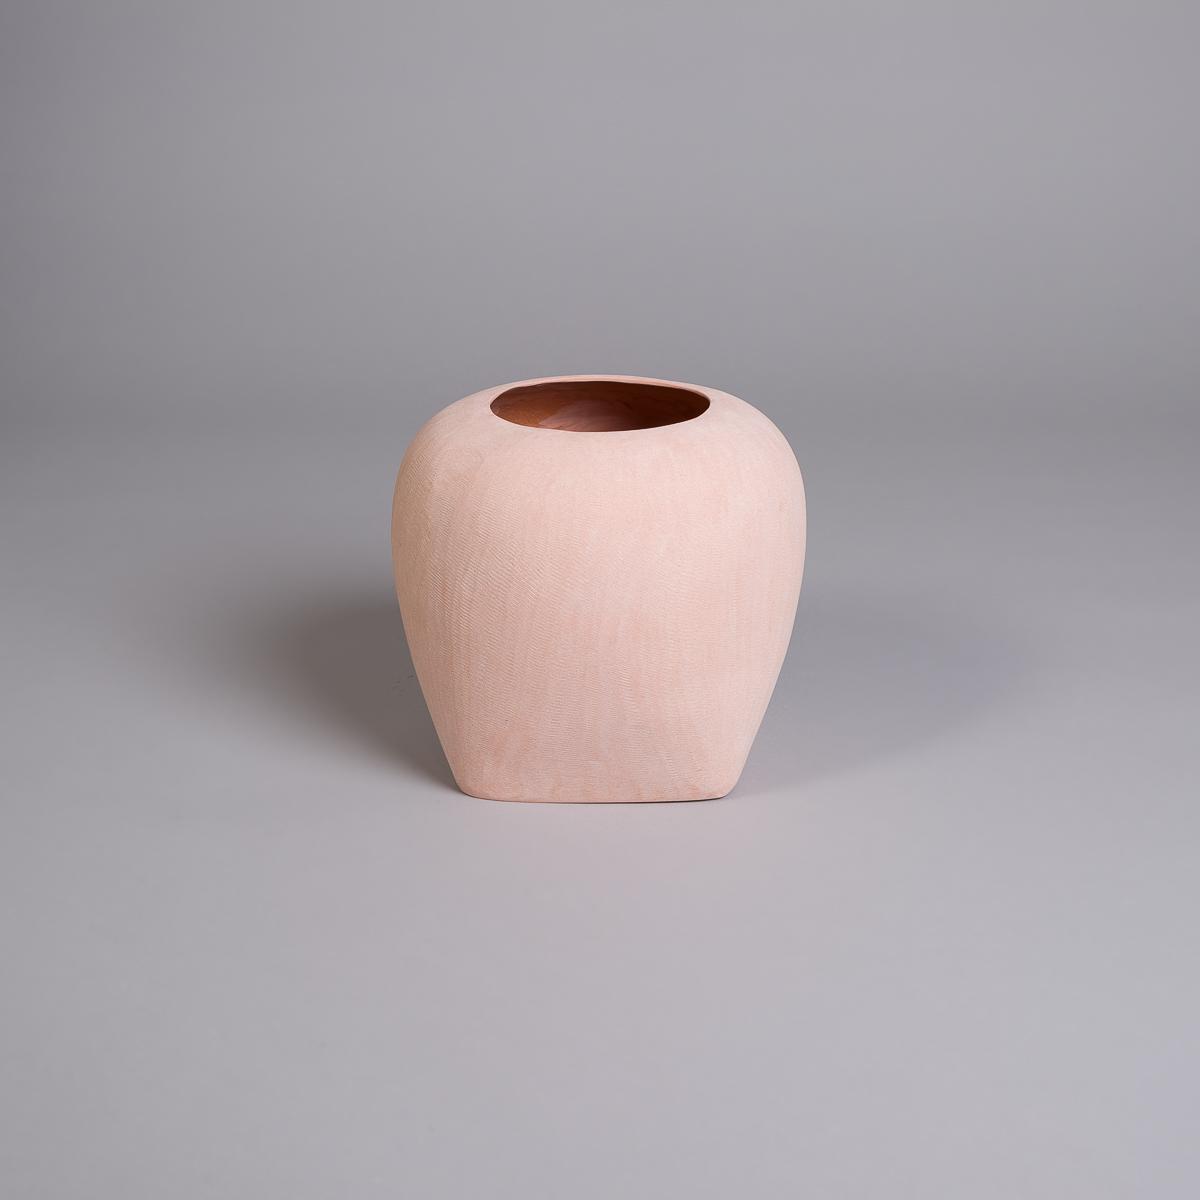 Oliver vase i Sandstein 26 cm - Rosa-0